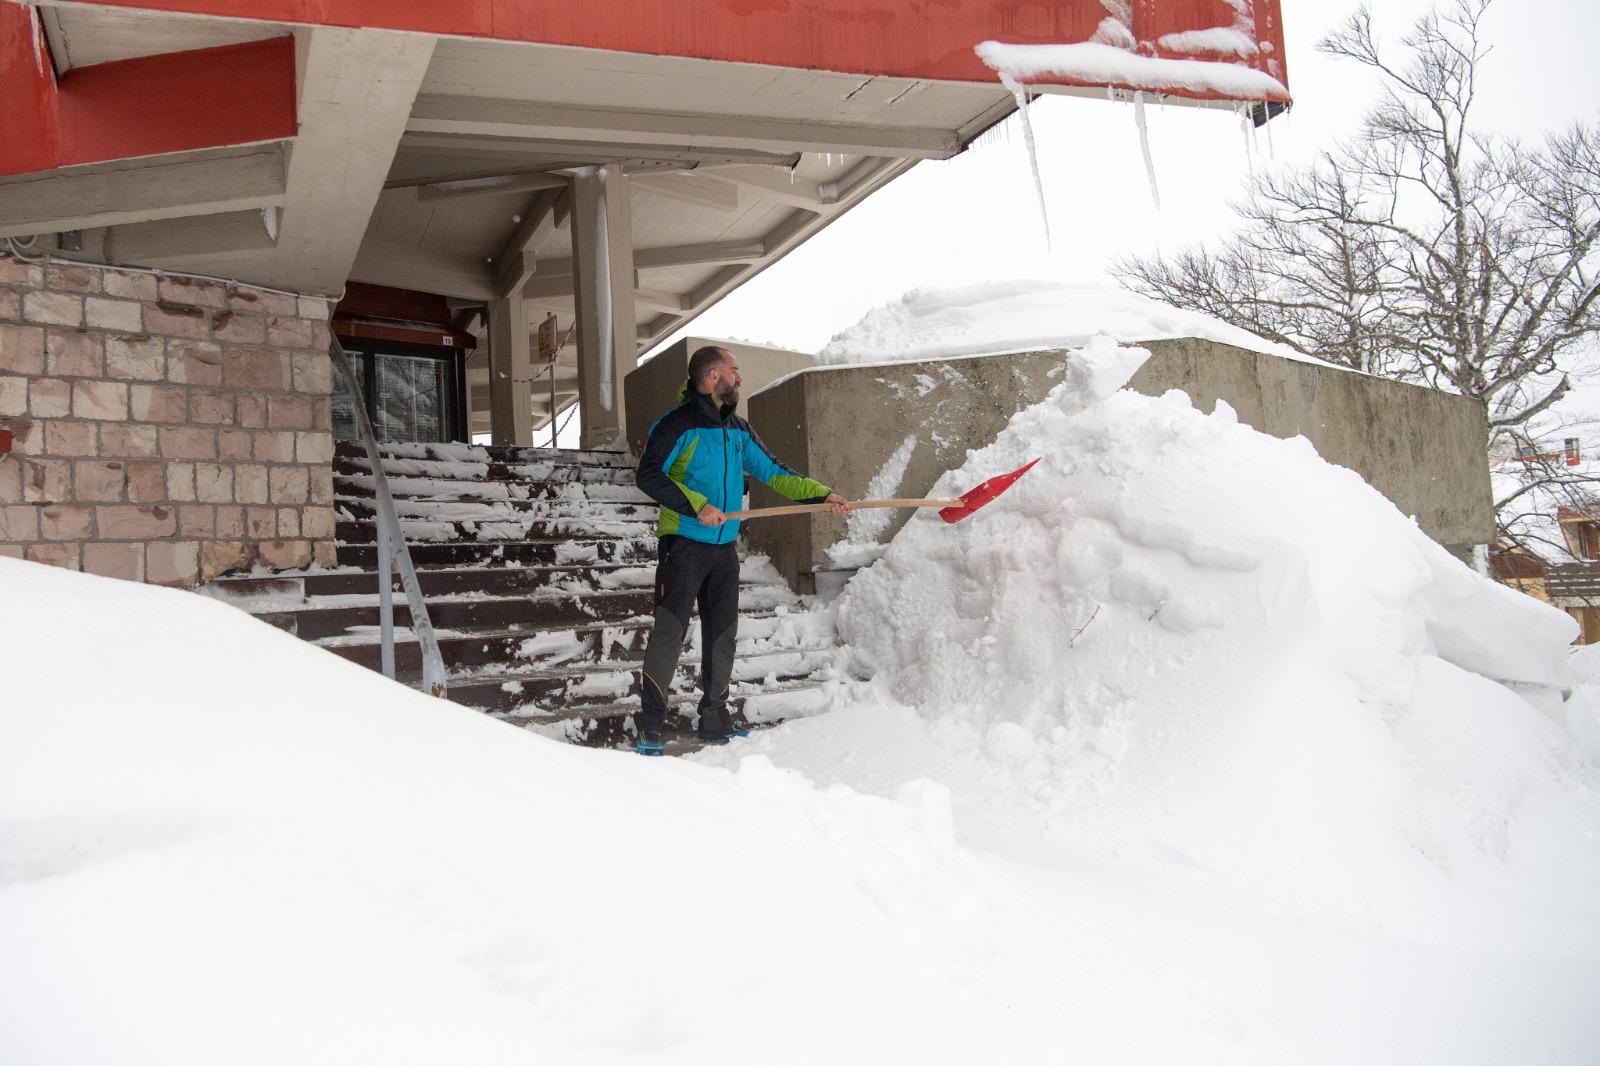 Una giornata sotto la neve al Terminillo dove sono caduti circa 40 cm di neve fresca. Foto Francesco Patacchiola